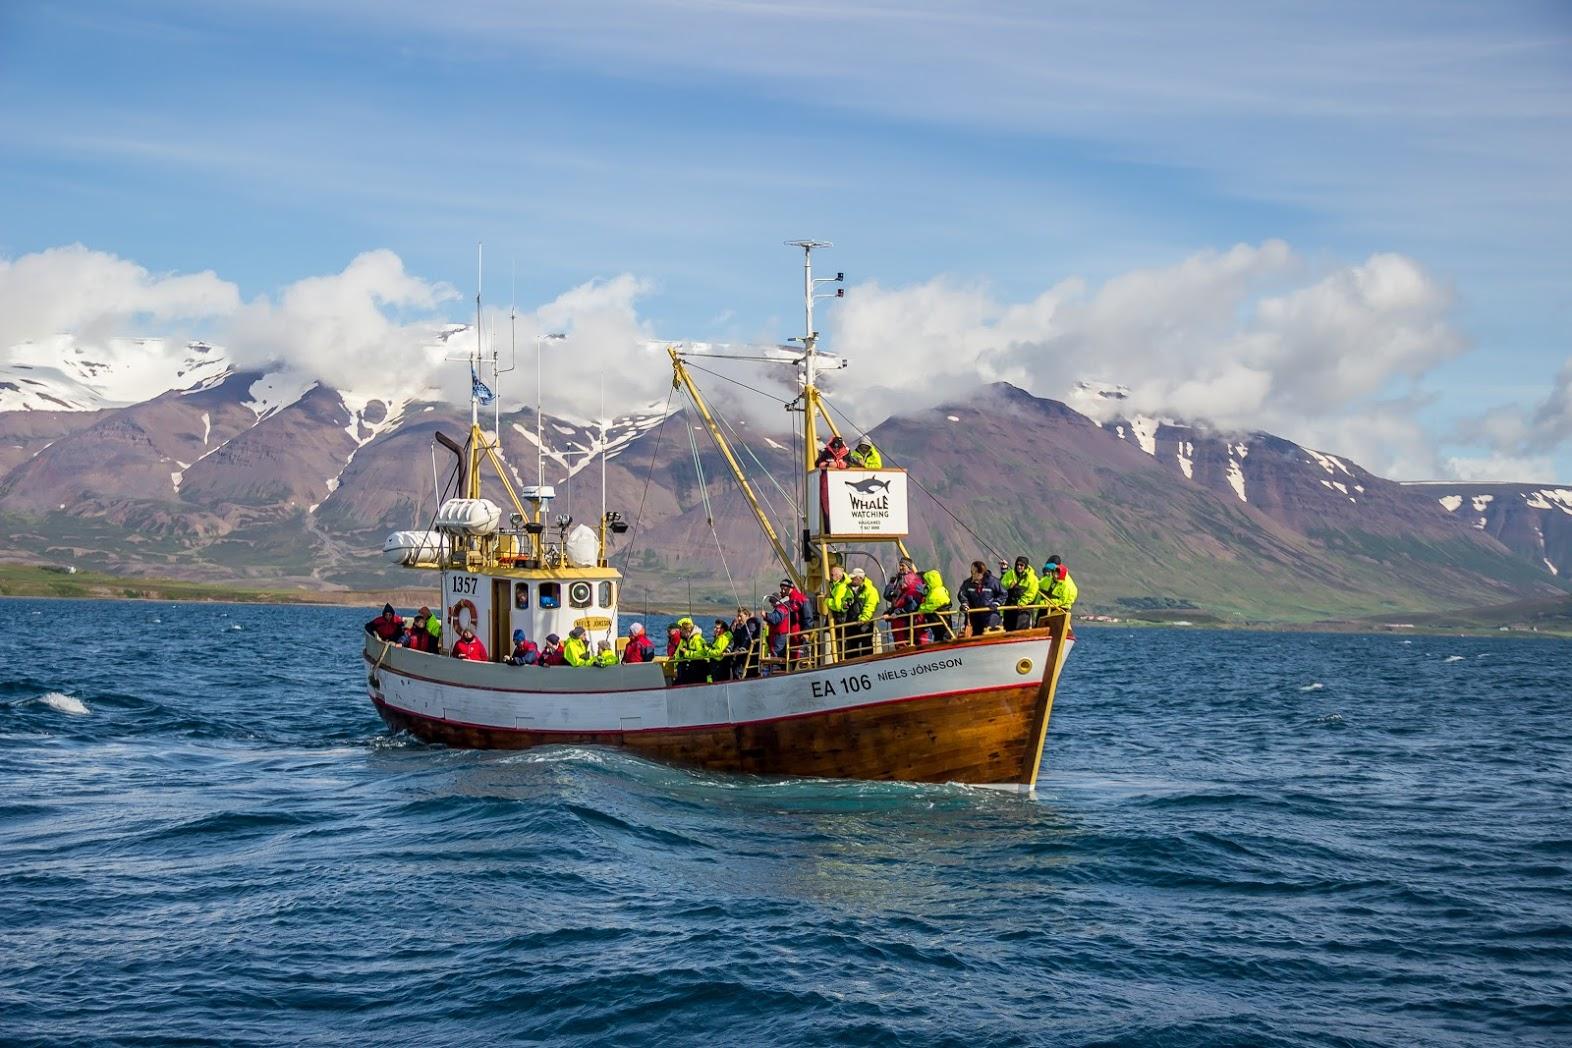 Nord-Island er stedet for hvalsafari, og sjansene for å se hval er svært gode her.